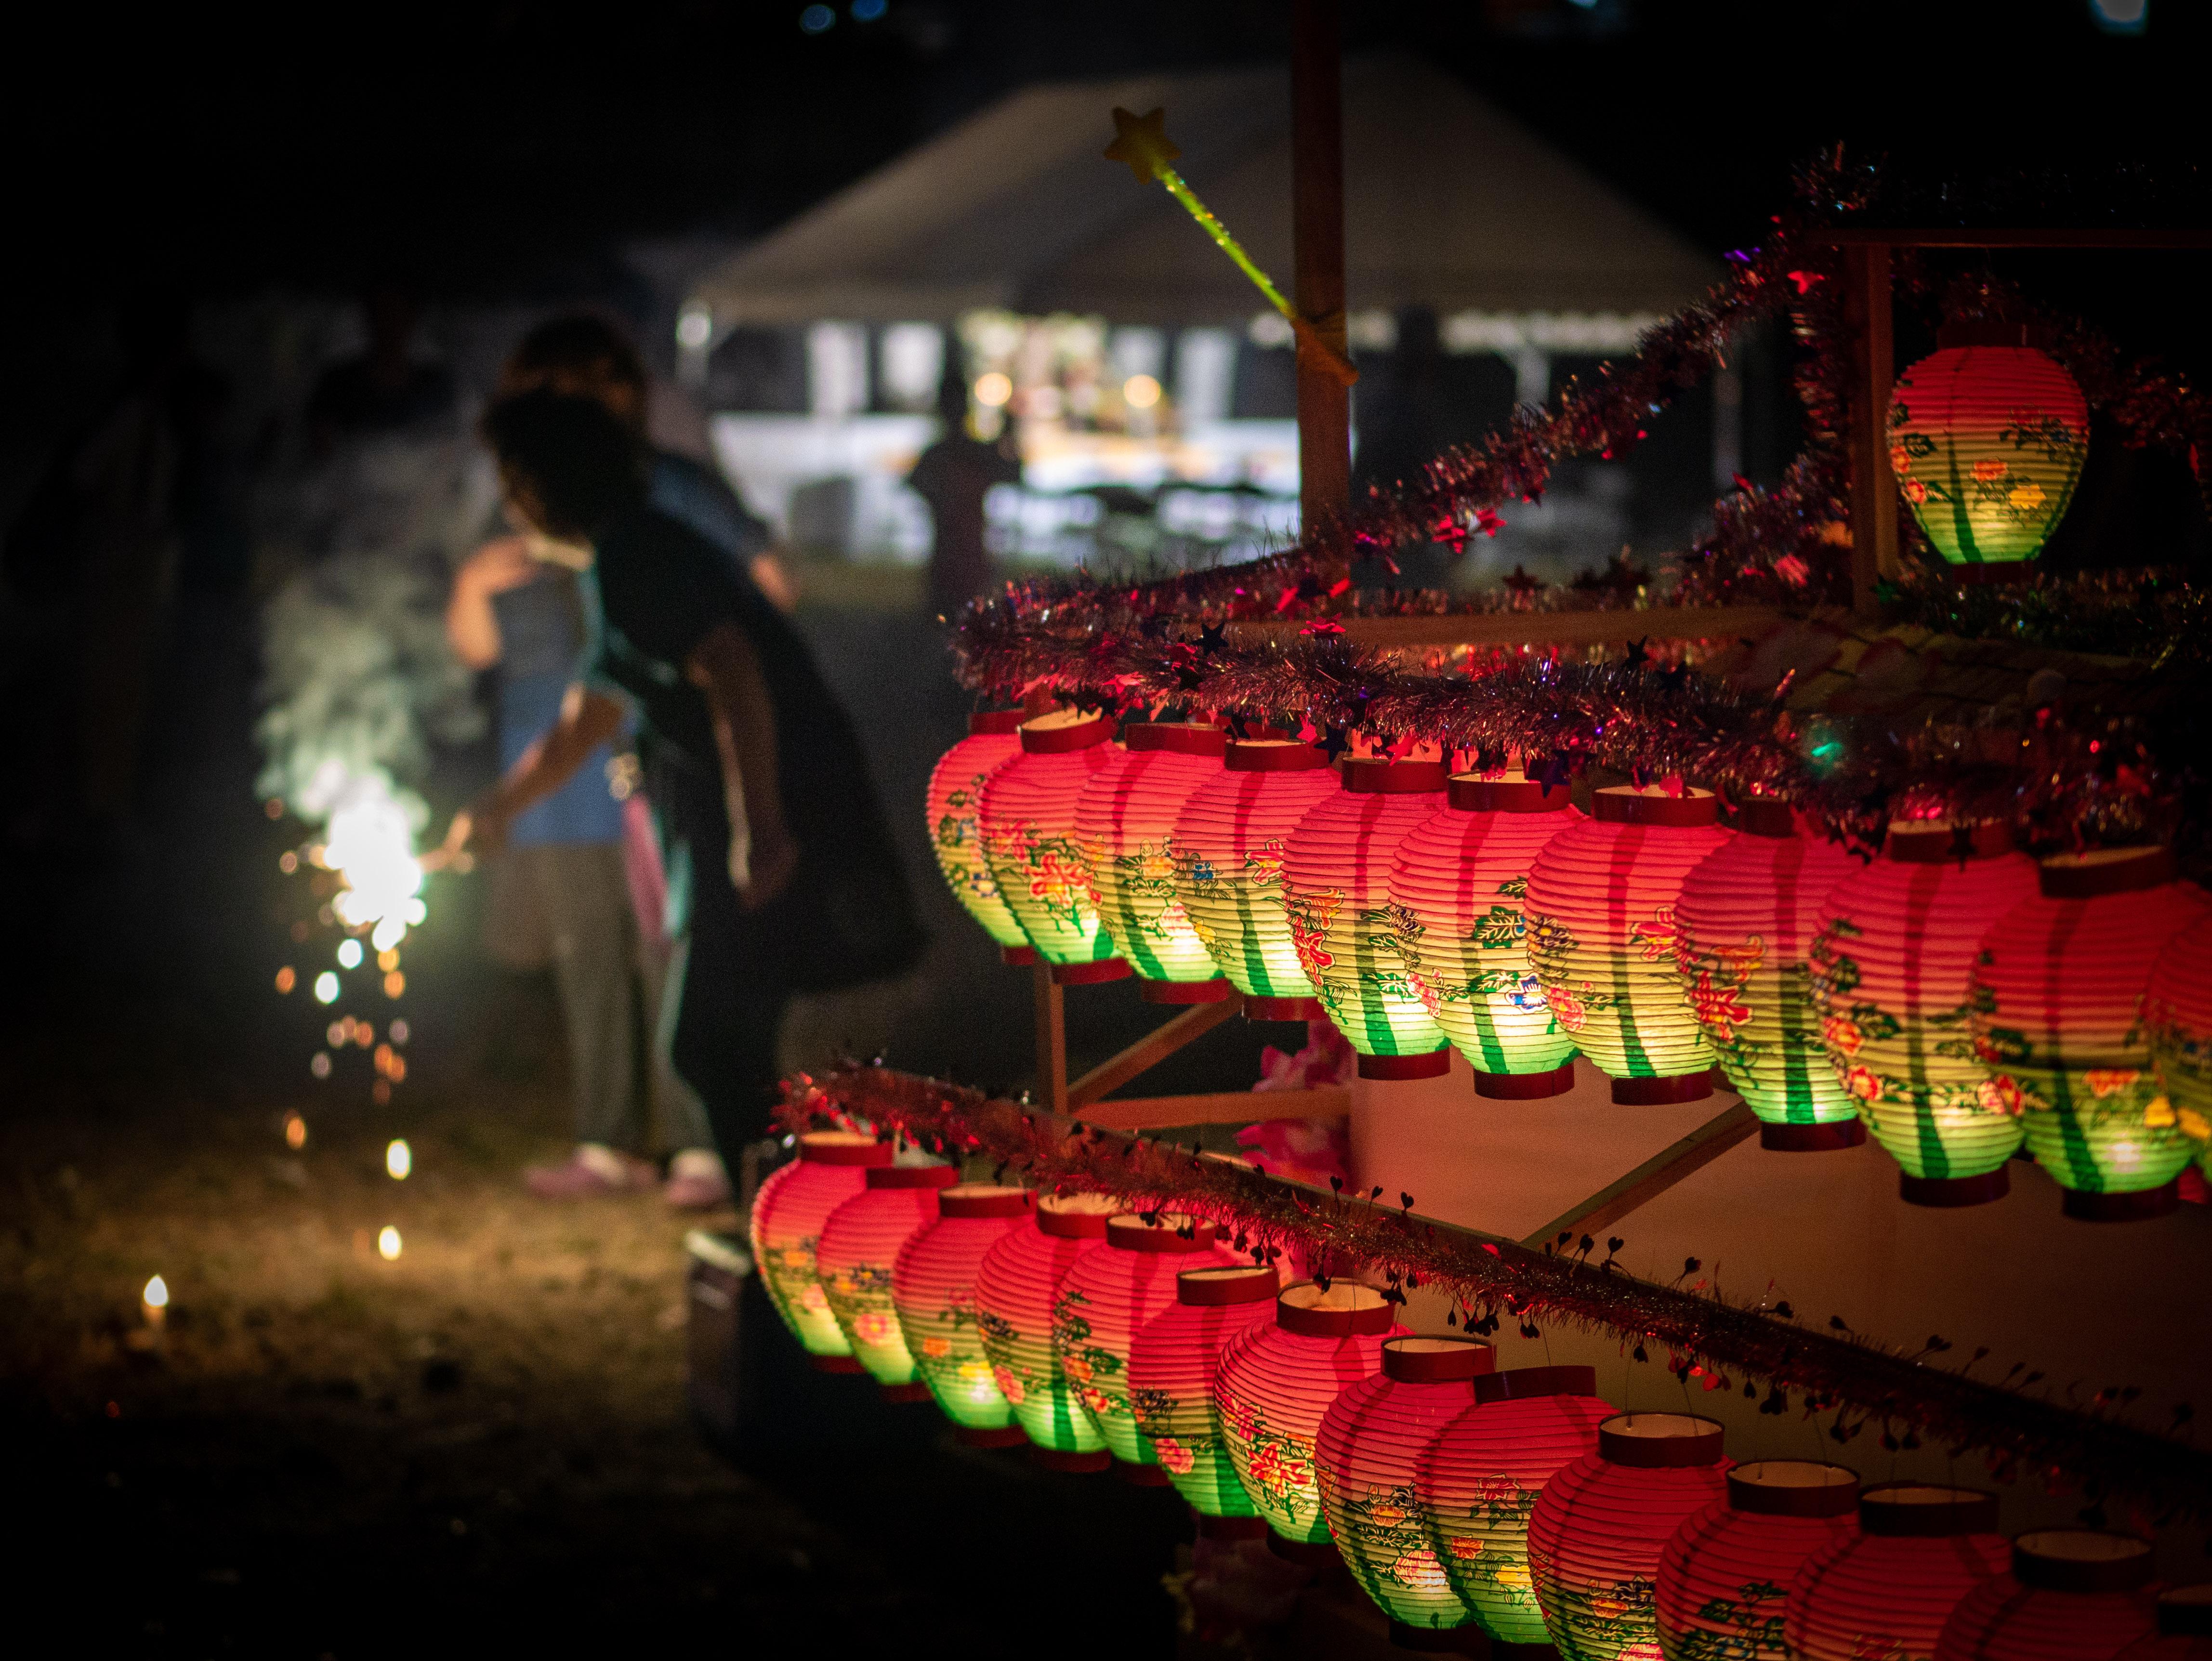 Đèn Lồng Nhật Bản Lễ Hội Lễ Linh Hồn Đêm Ánh Sáng Thắp Sáng Truyền Thống